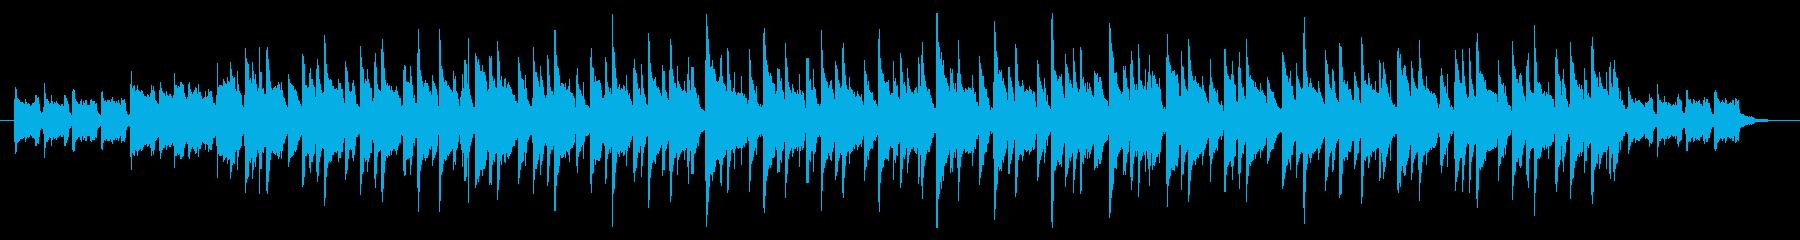 【アコギインスト】ほのぼの&アップテンポの再生済みの波形